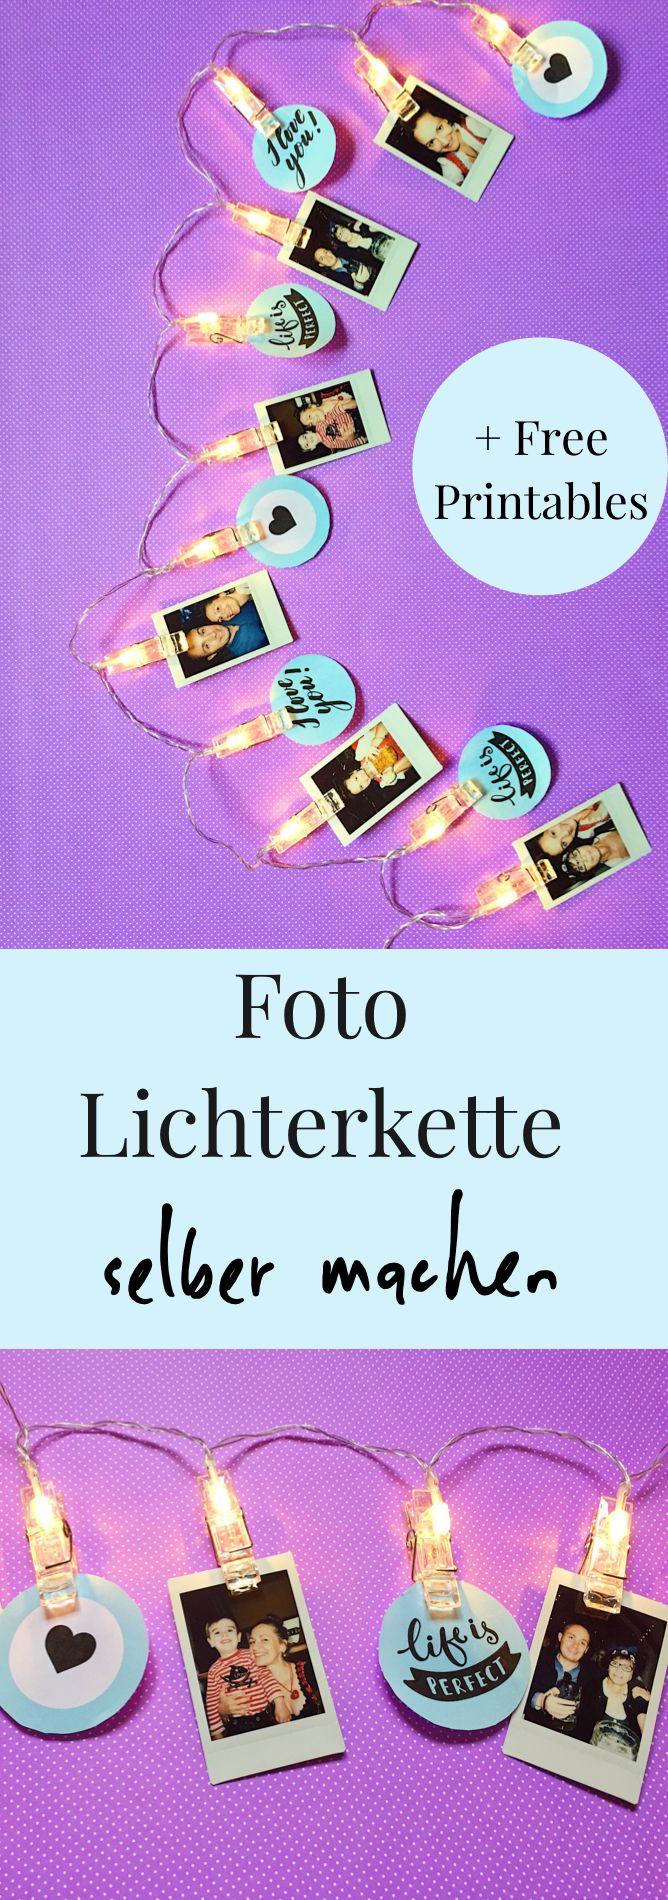 Foto DIY Lichterkette ganz einfach selber machen. Schöne Ideen für selber gemachte Dekoration: Lichterkette mit Bildern als Deko selber basteln. #lichterkette #diyideen